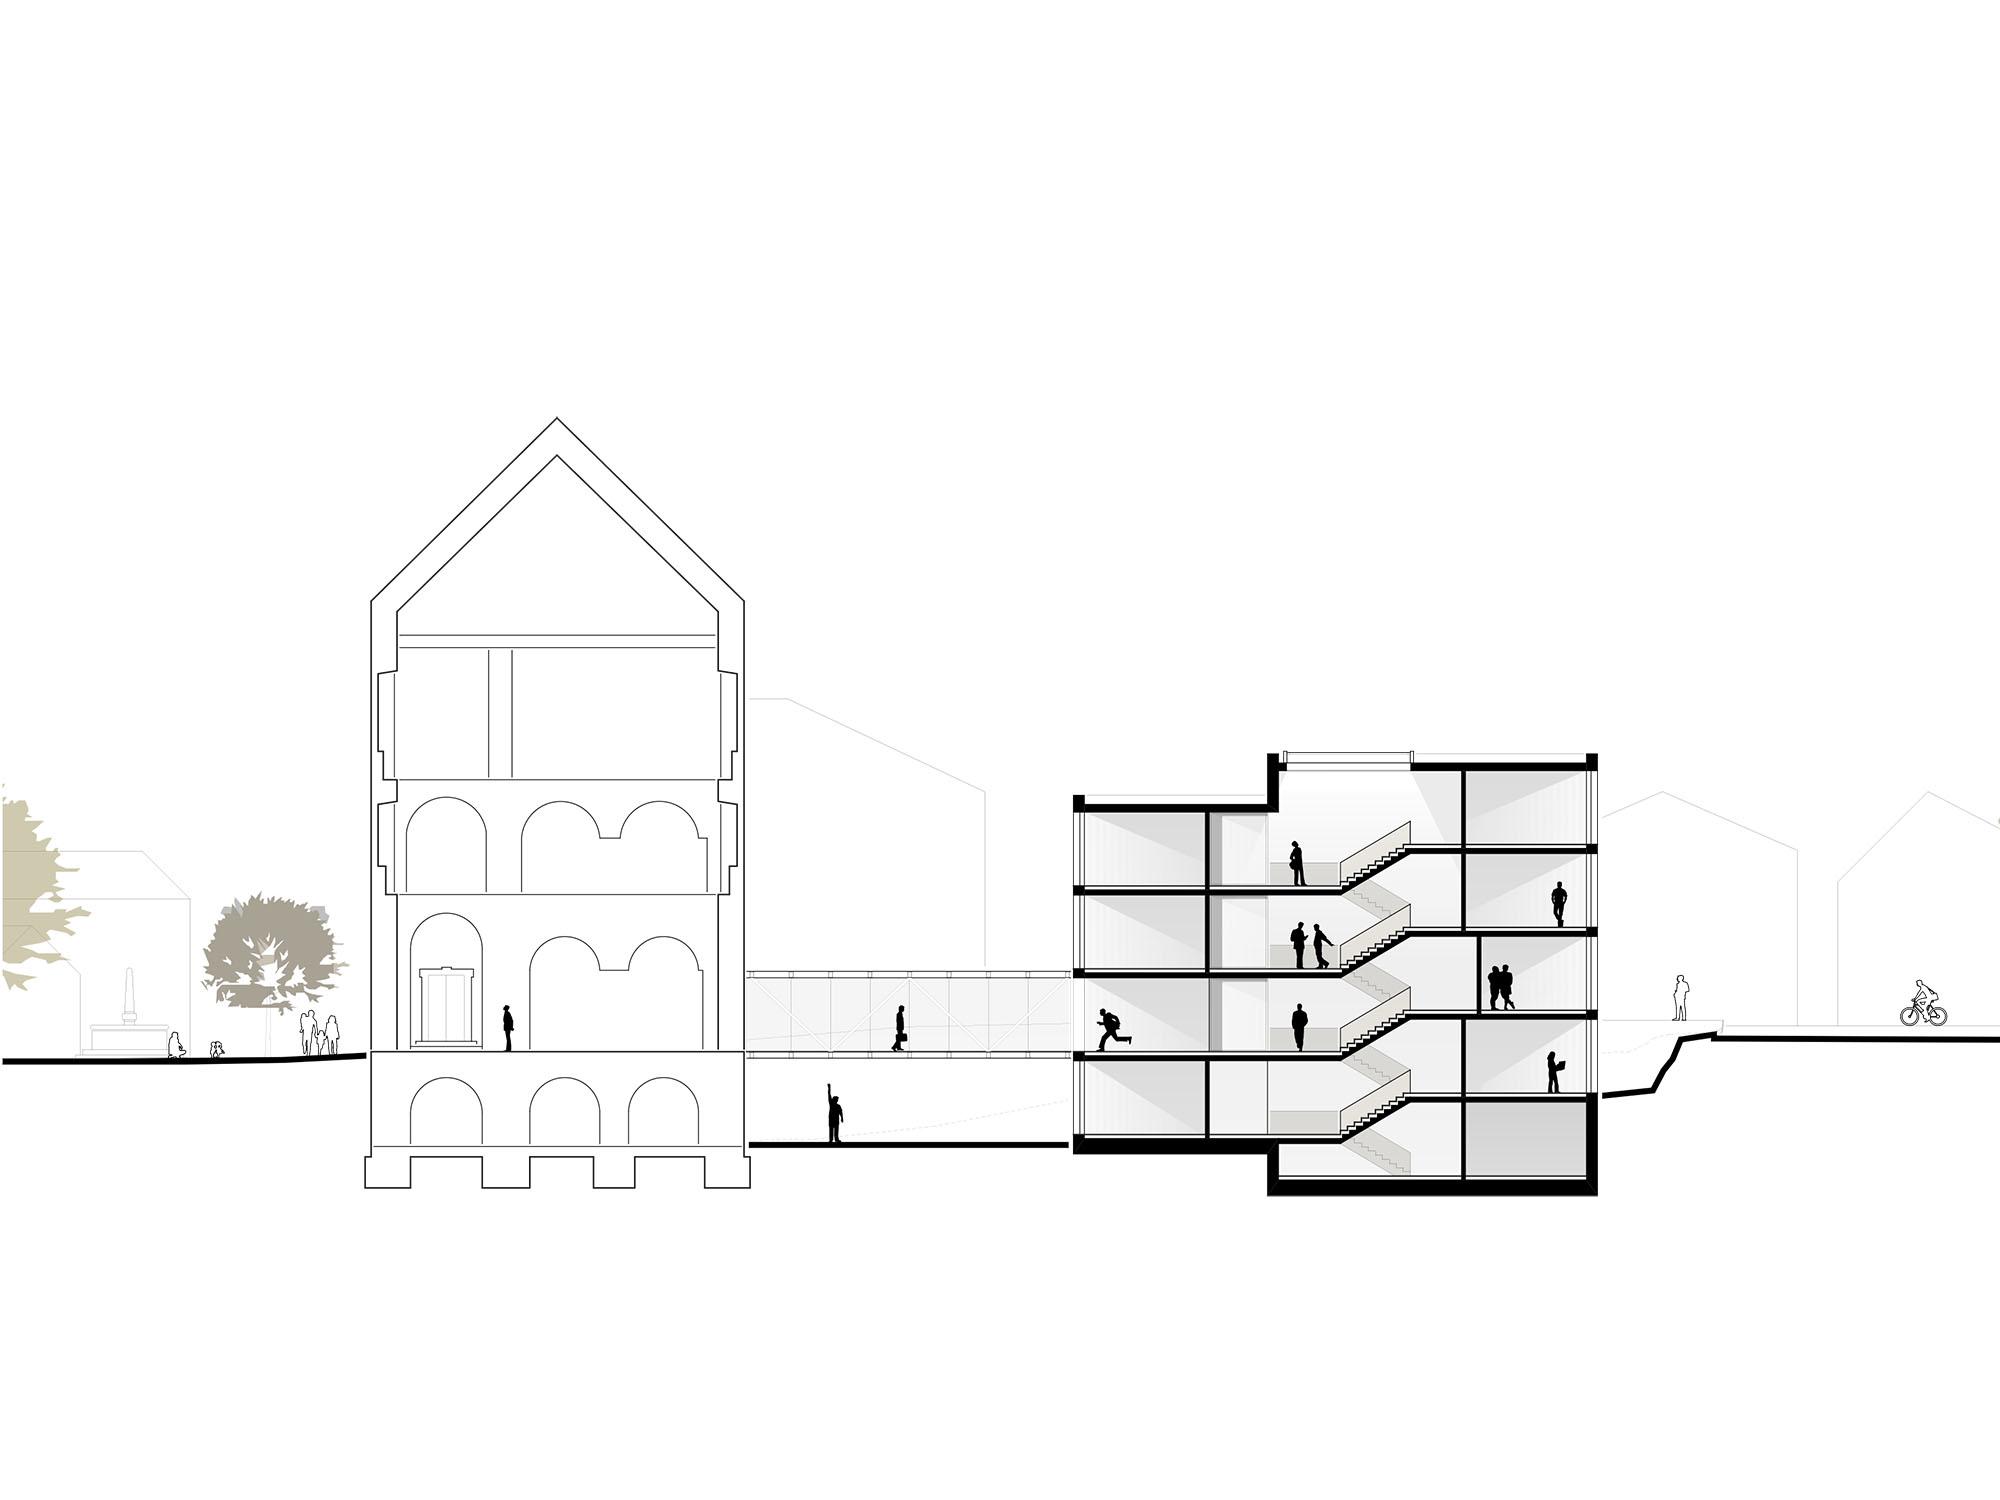 Erweiterung Landratsamt am Neuen Schloss - Neustadt an der Waldnaab